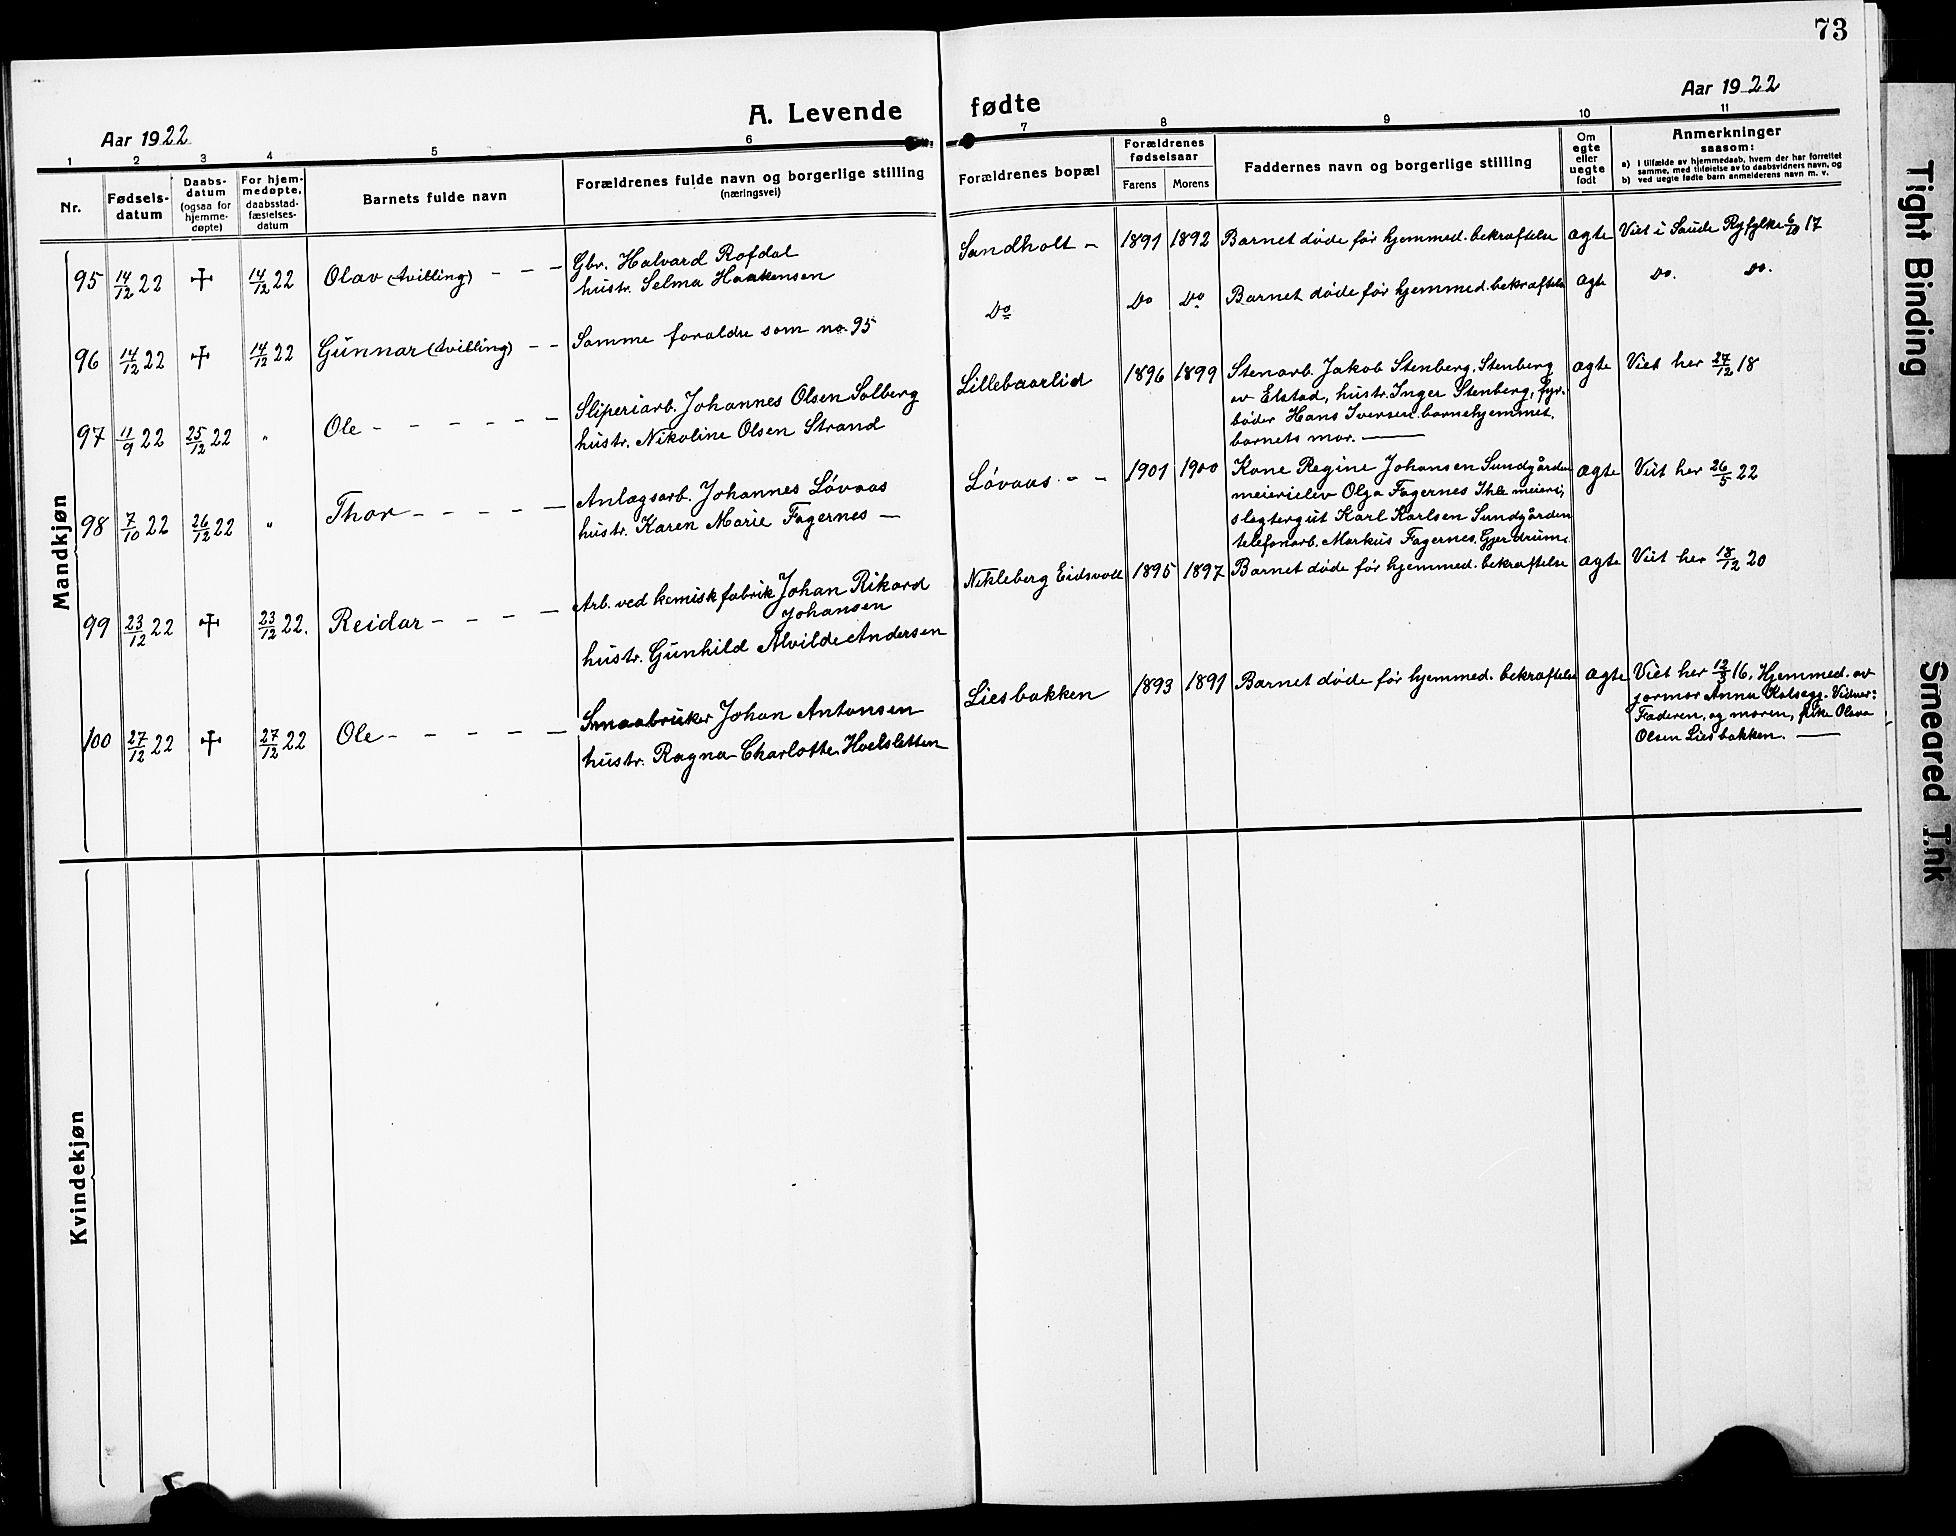 SAO, Eidsvoll prestekontor Kirkebøker, G/Ga/L0010: Klokkerbok nr. I 10, 1919-1929, s. 73